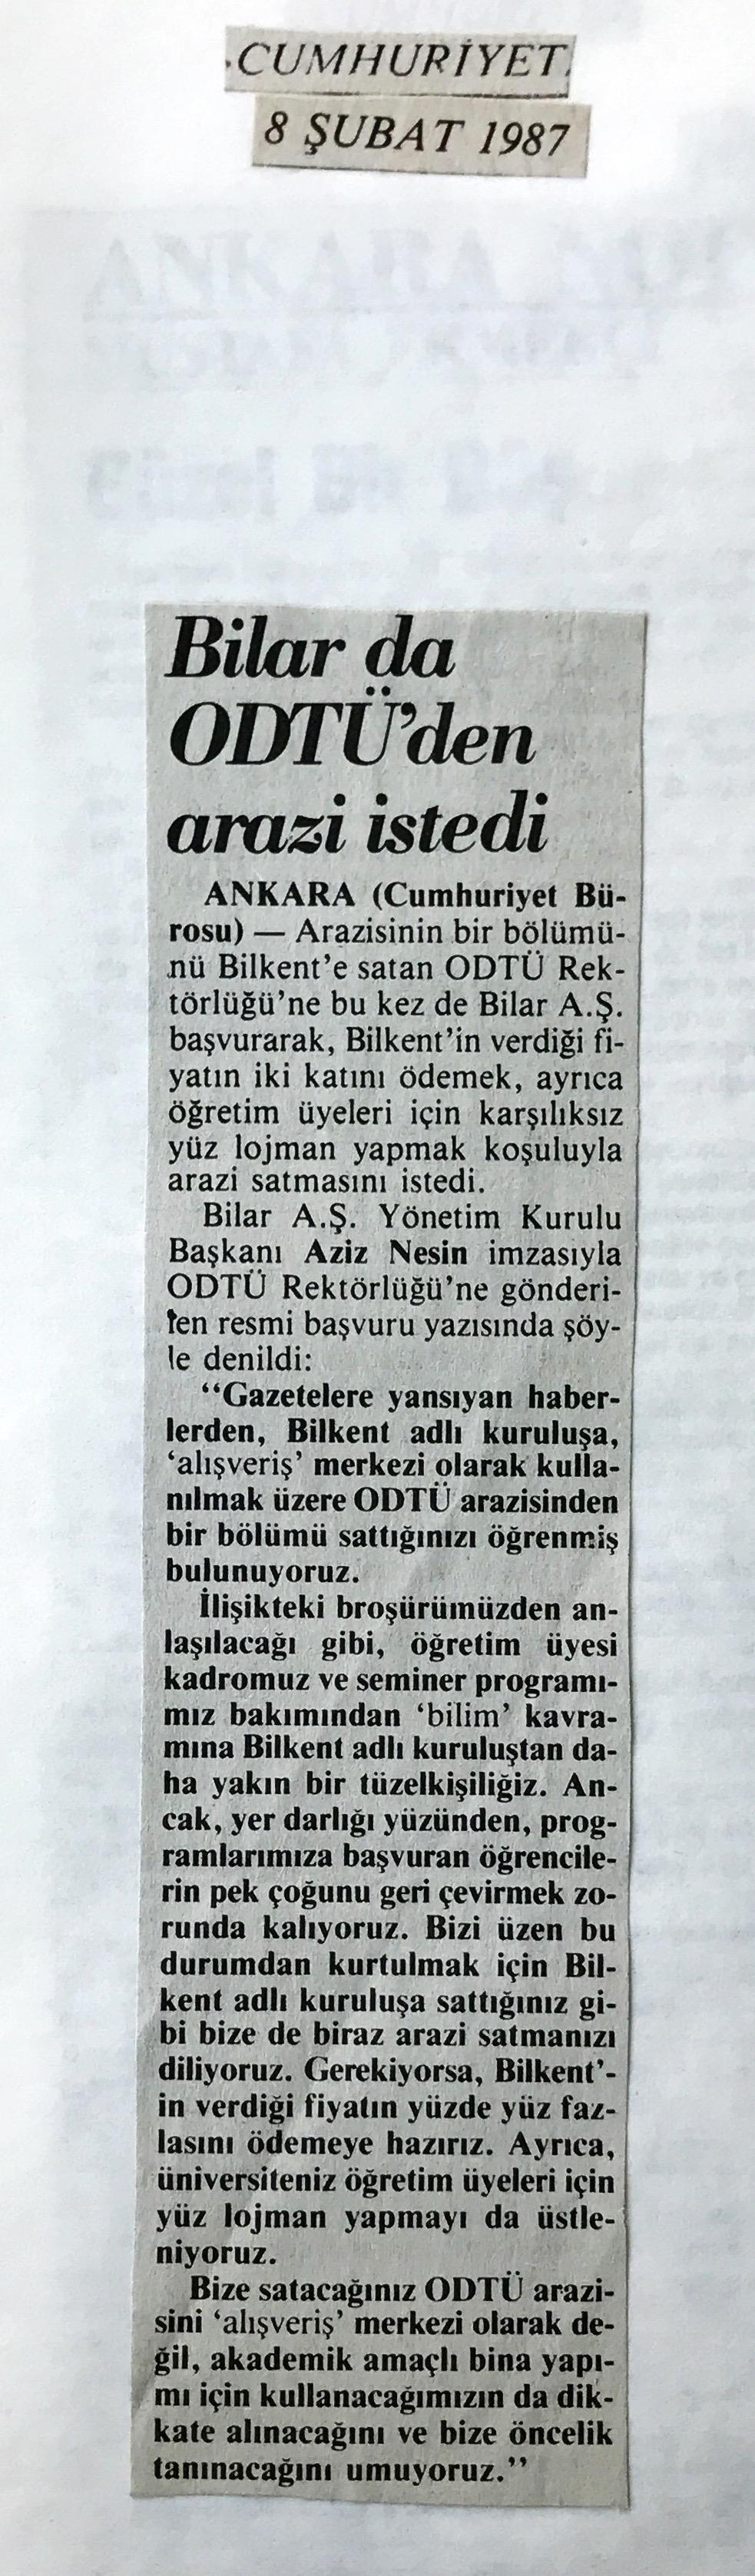 1987_cumhuriyet-odtuden-arazi-haberi.JPG